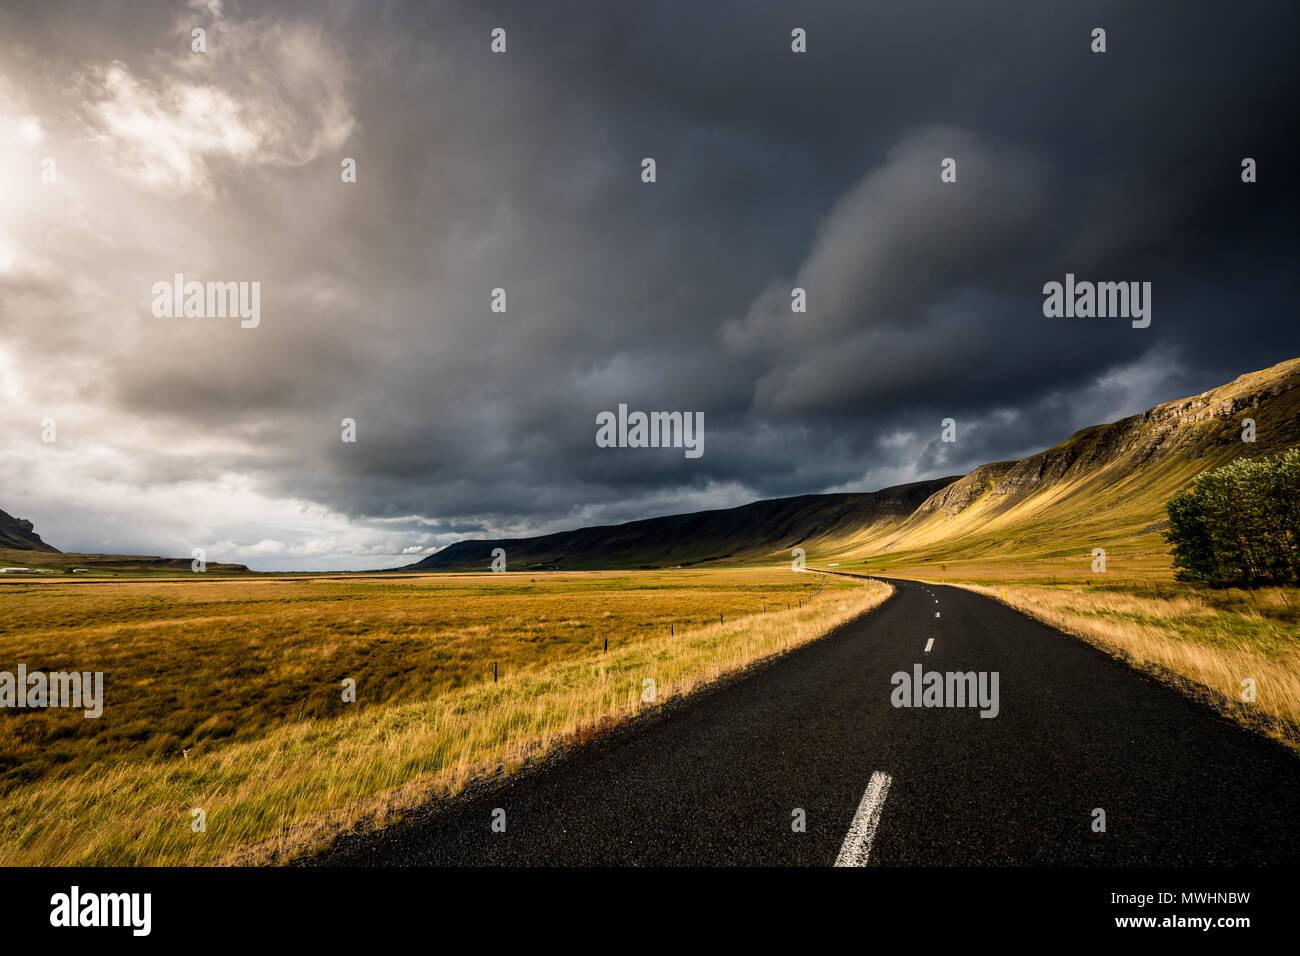 Una strada all'interno dell'Islanda nel tardo pomeriggio Immagini Stock